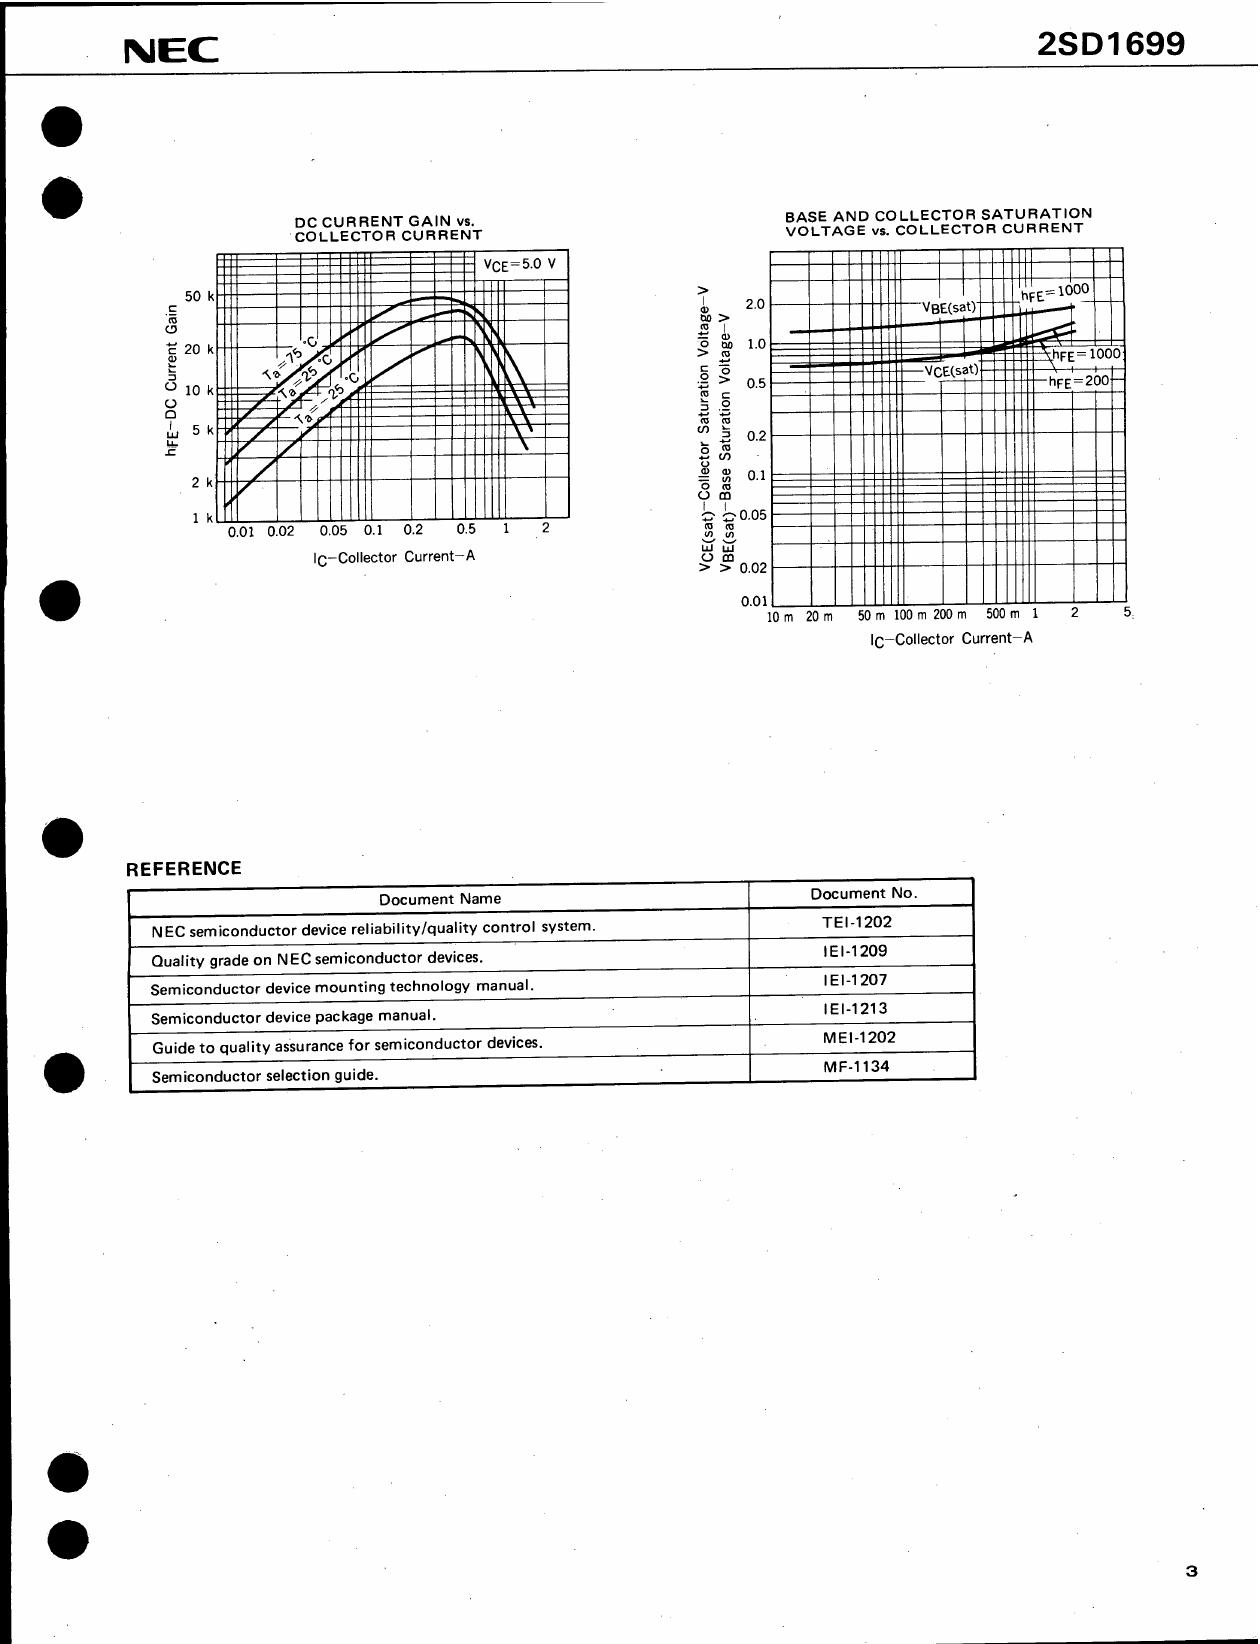 D1699 pdf, 電子部品, 半導体, ピン配列